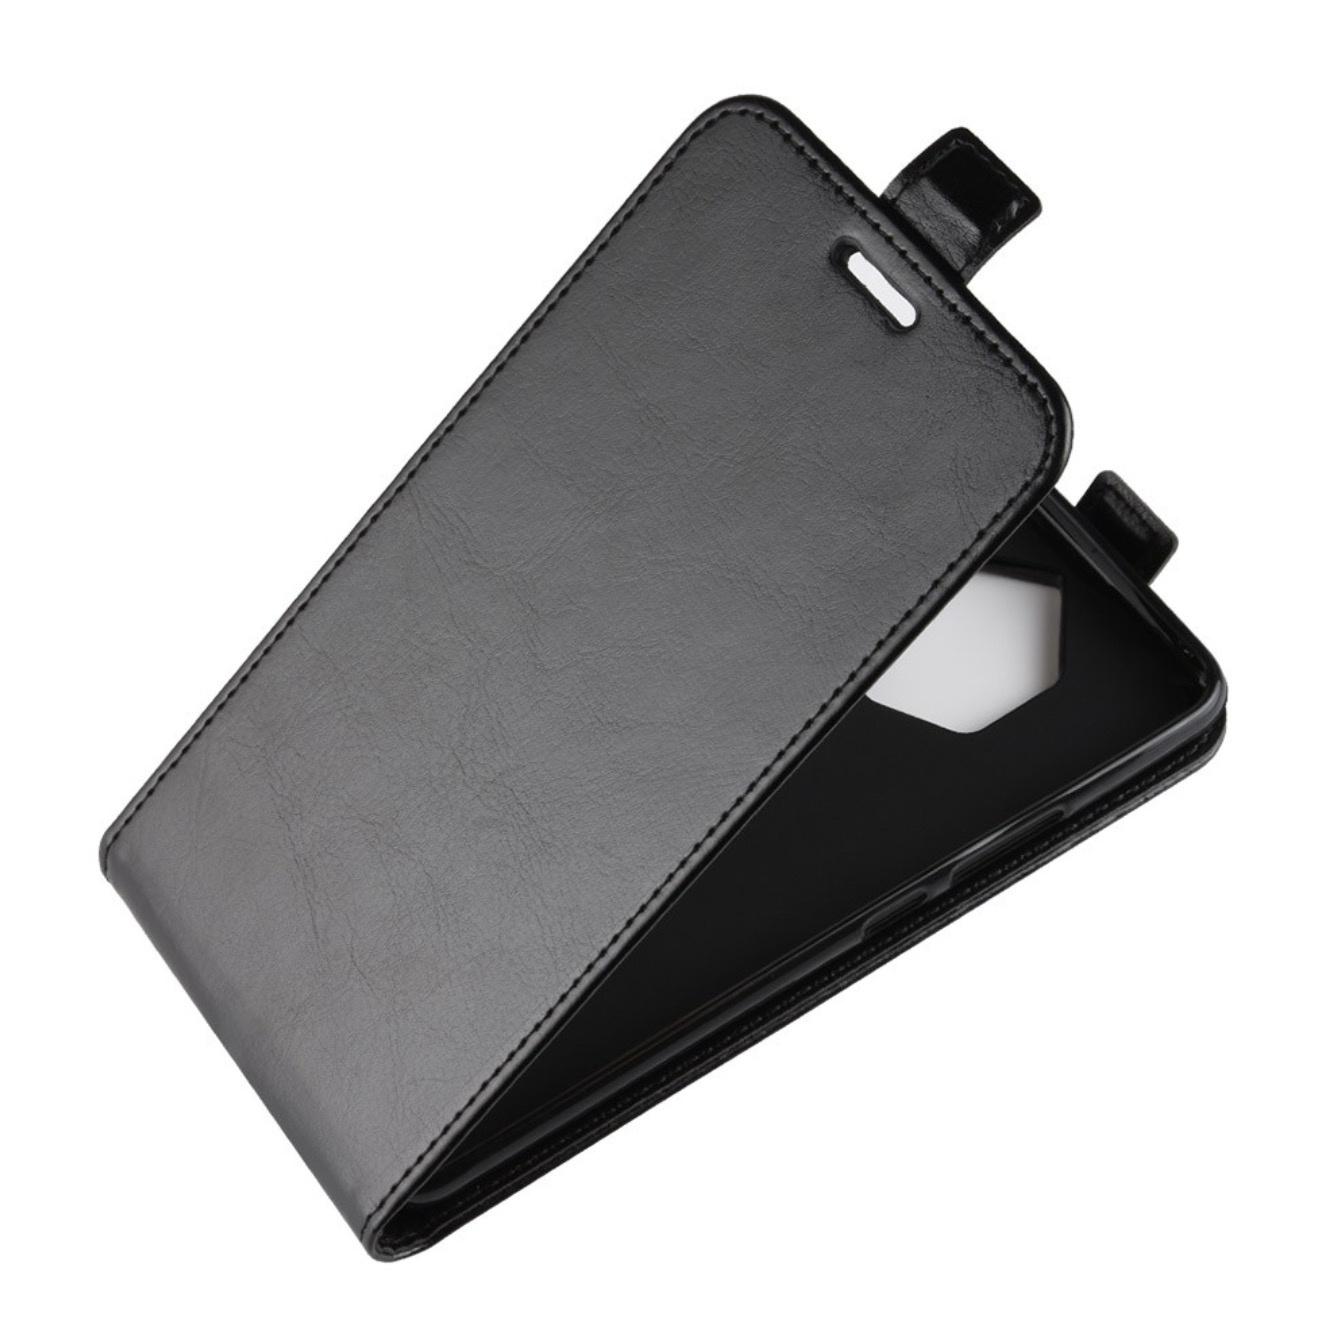 Чехол-флип MyPads для Digma Vox S502 3G вертикальный откидной черный